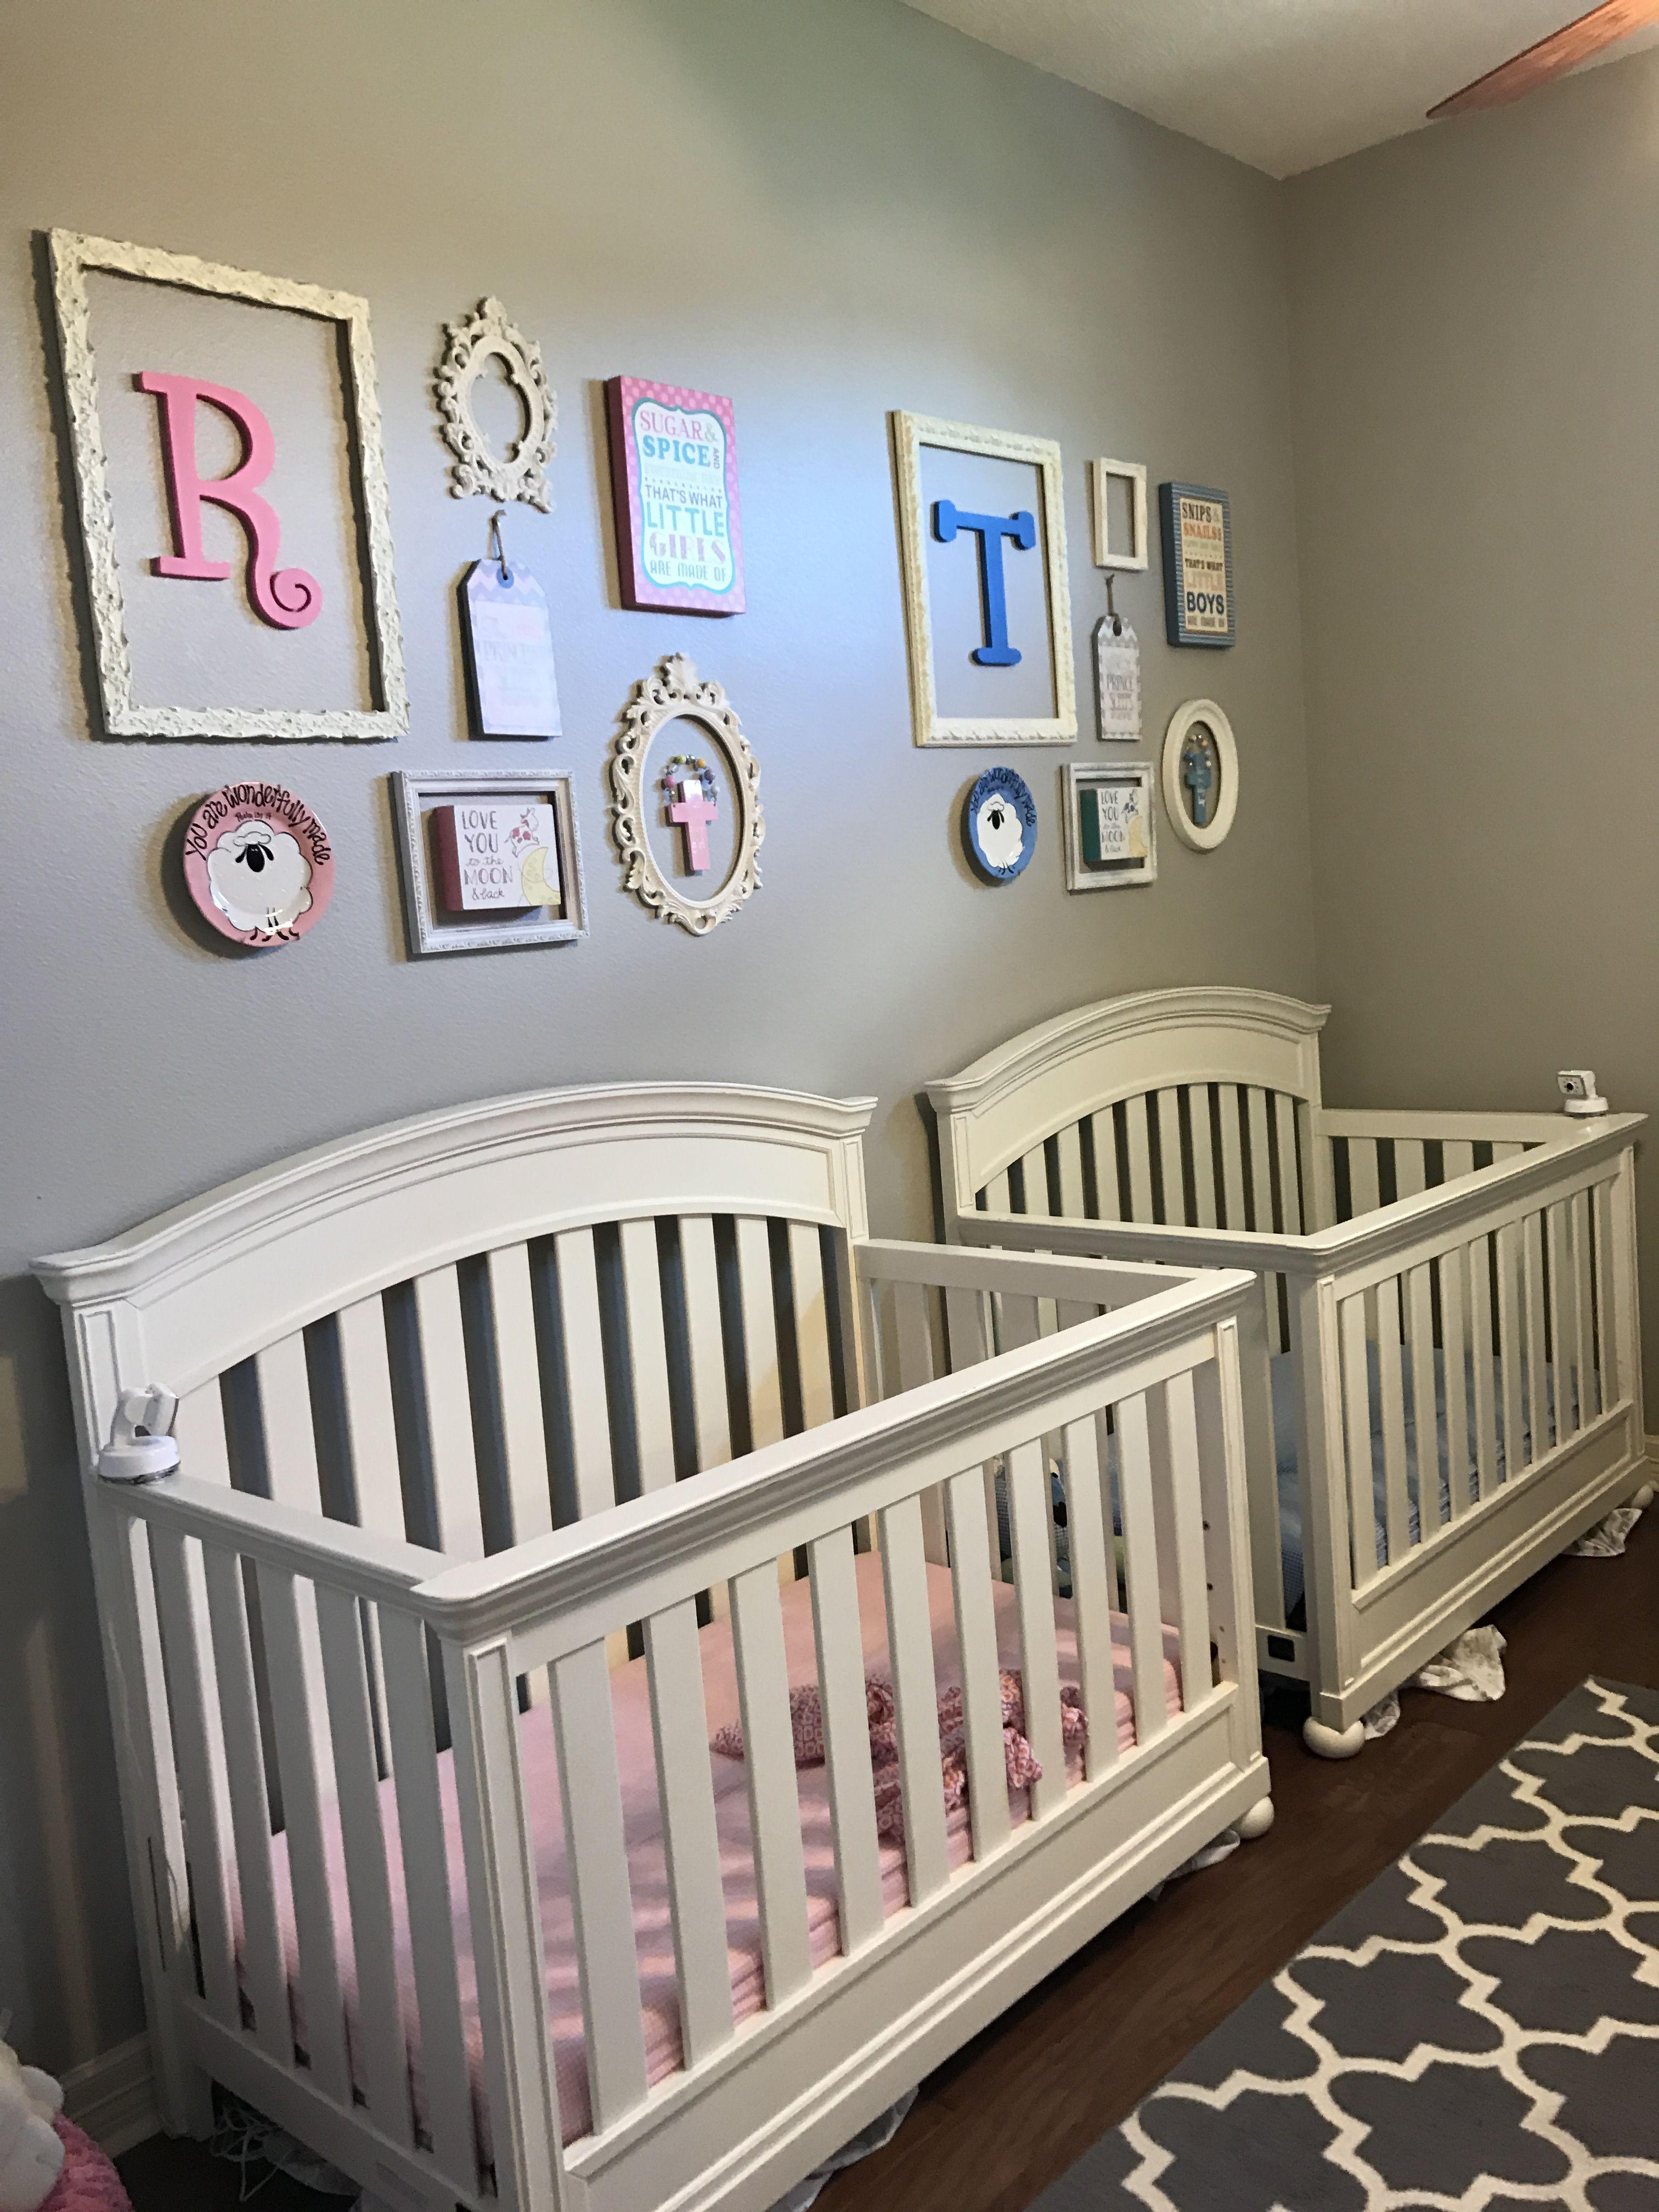 Twin nursery for boy/girl twins. Vintage nursery rhymes ...